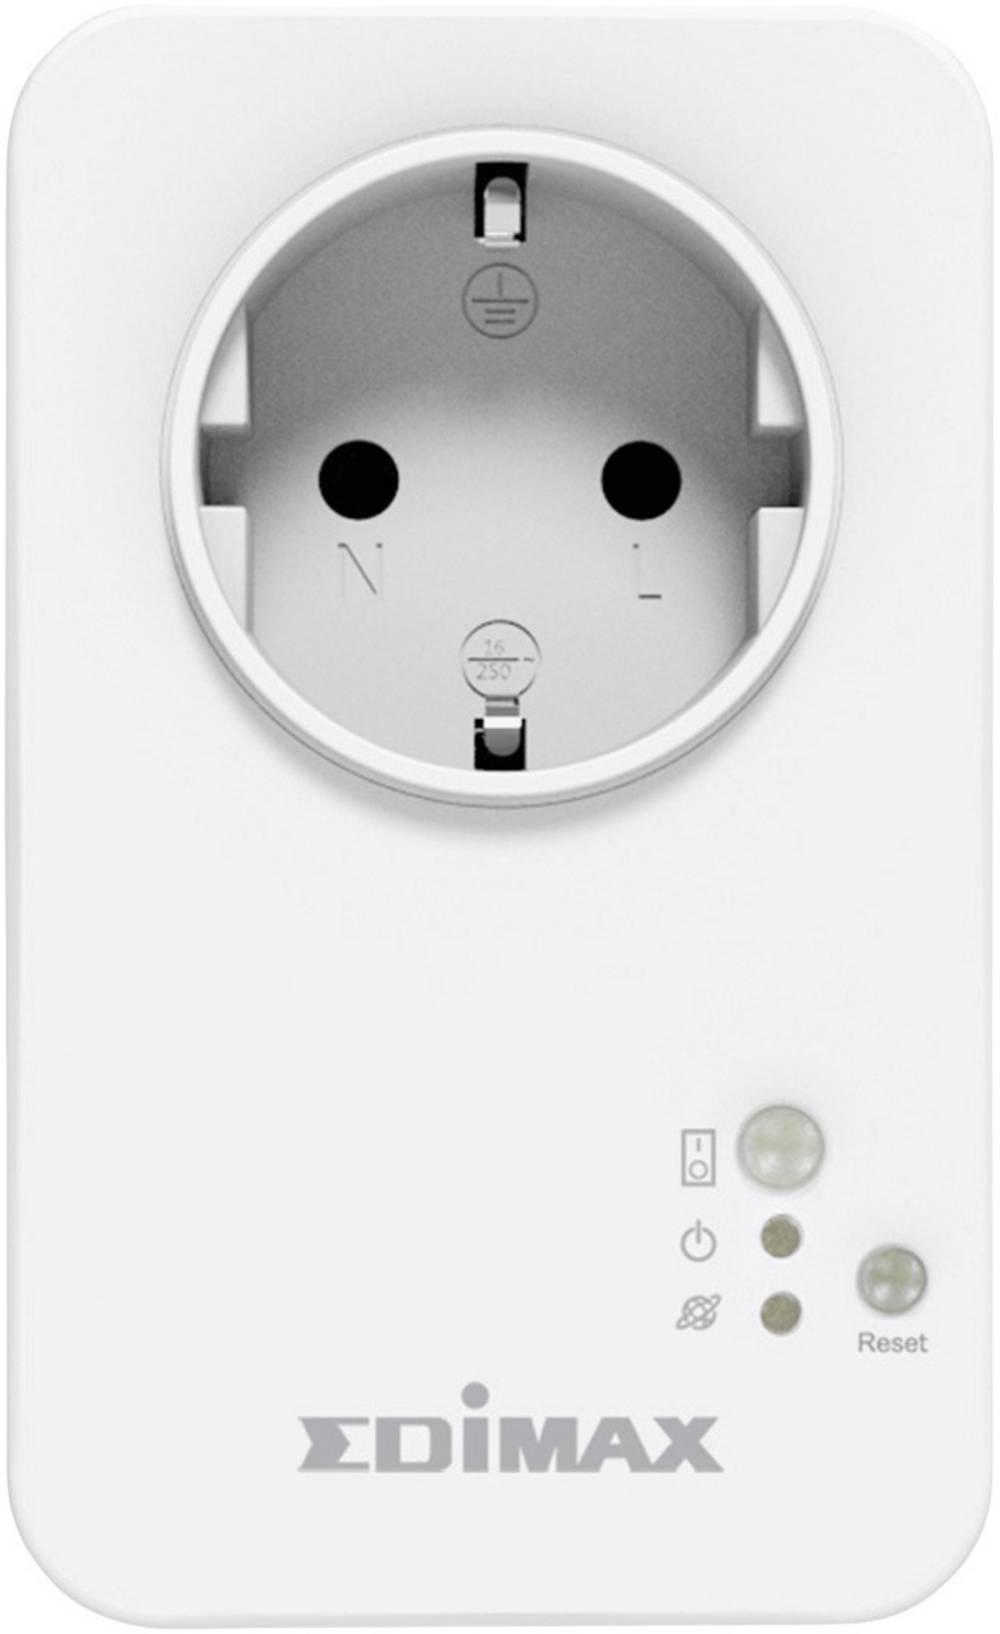 Inteligentna utičnica za kućno upravljanje Smart Plug WLAN, frekvencija 2,4 GHz SP-1101W EDIMAX